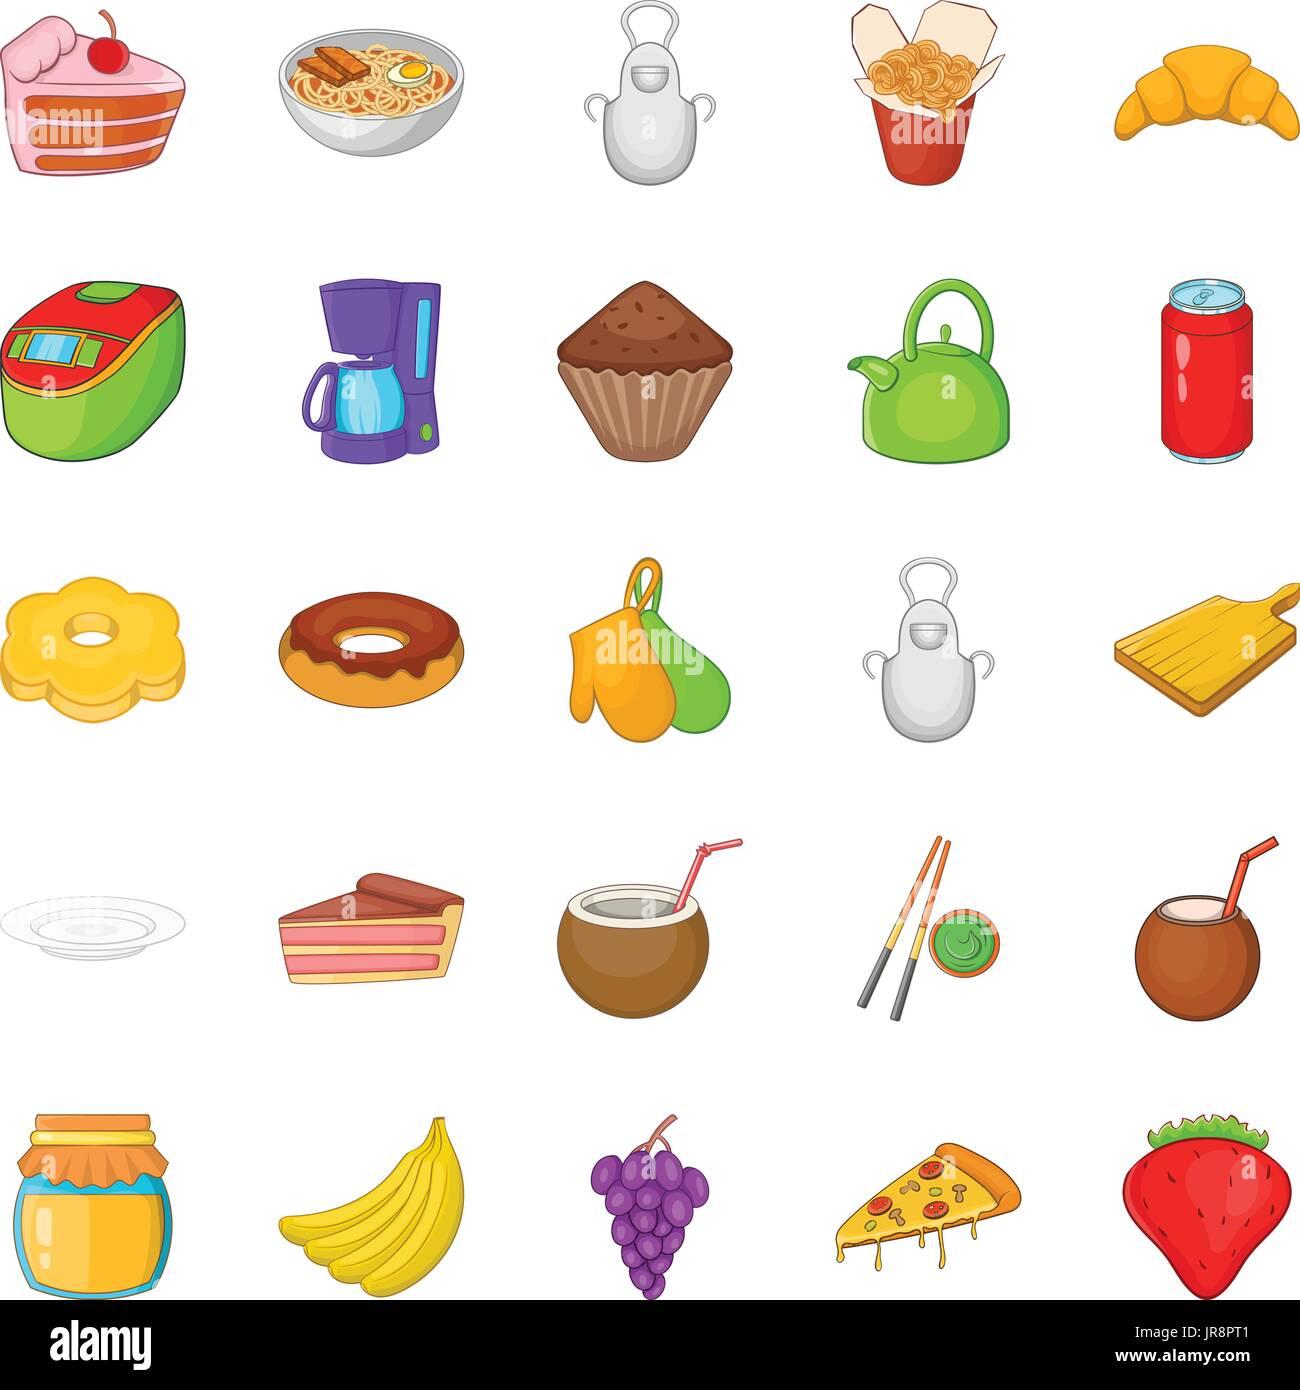 Nosh icons set, cartoon style - Stock Image